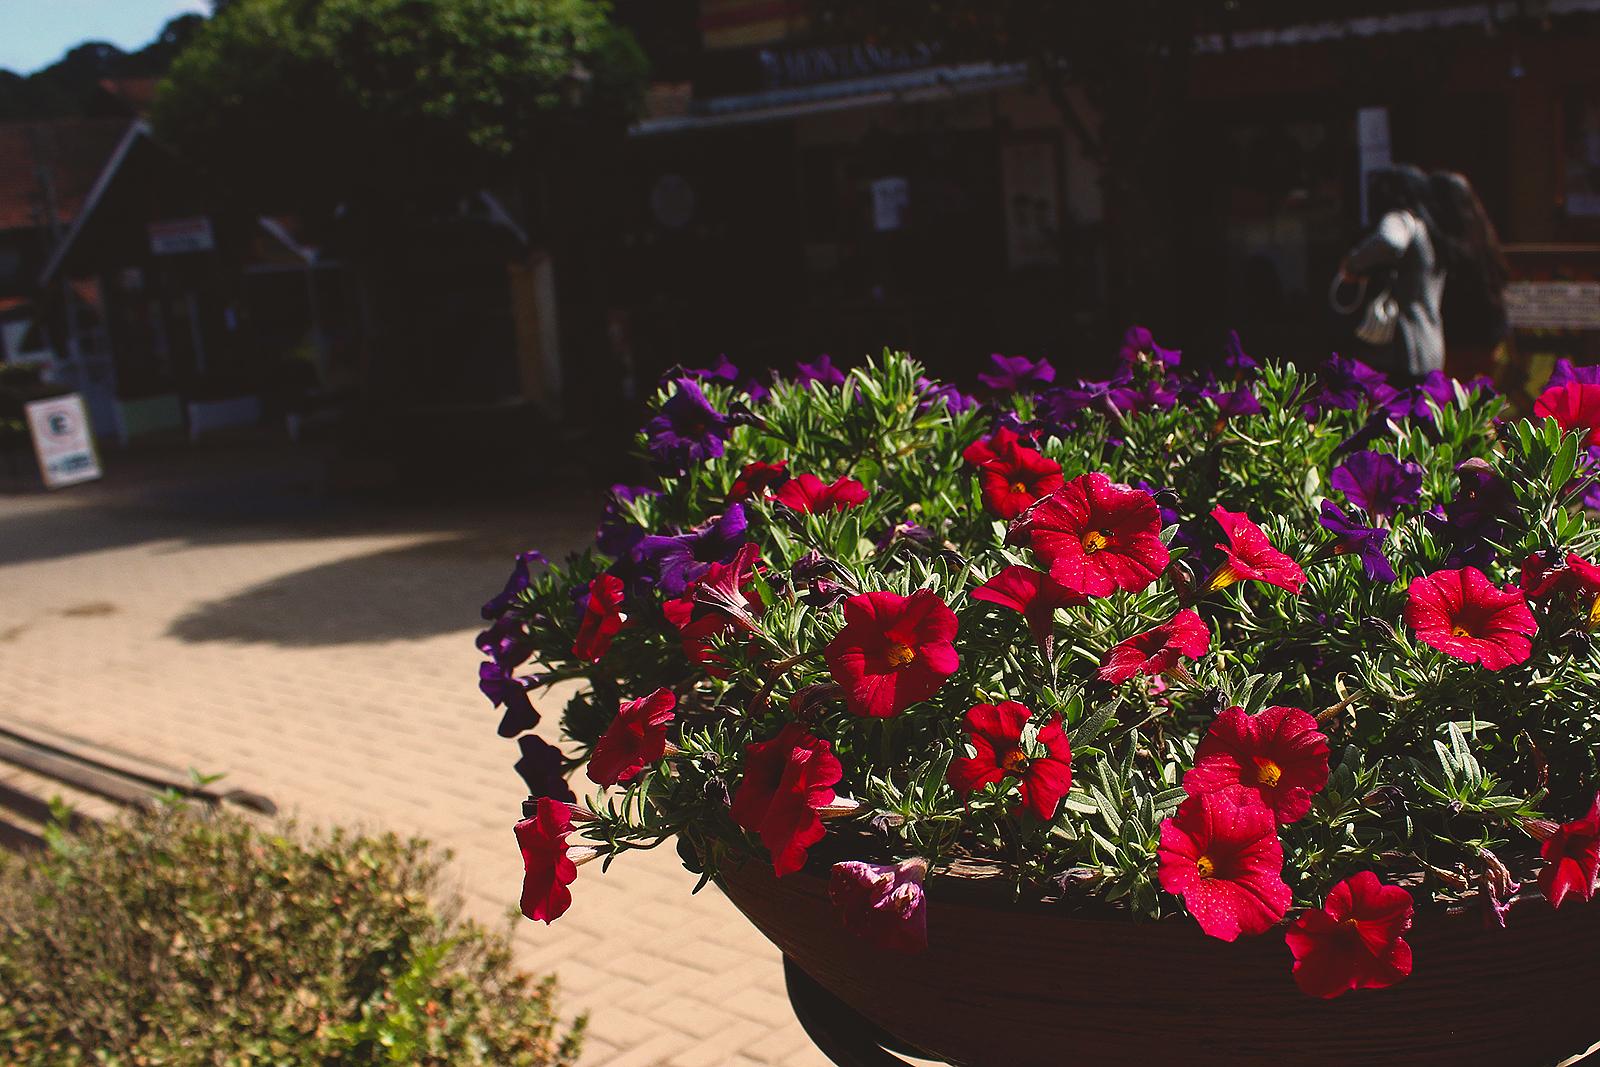 vaso grande flores vermelhas rua cidade